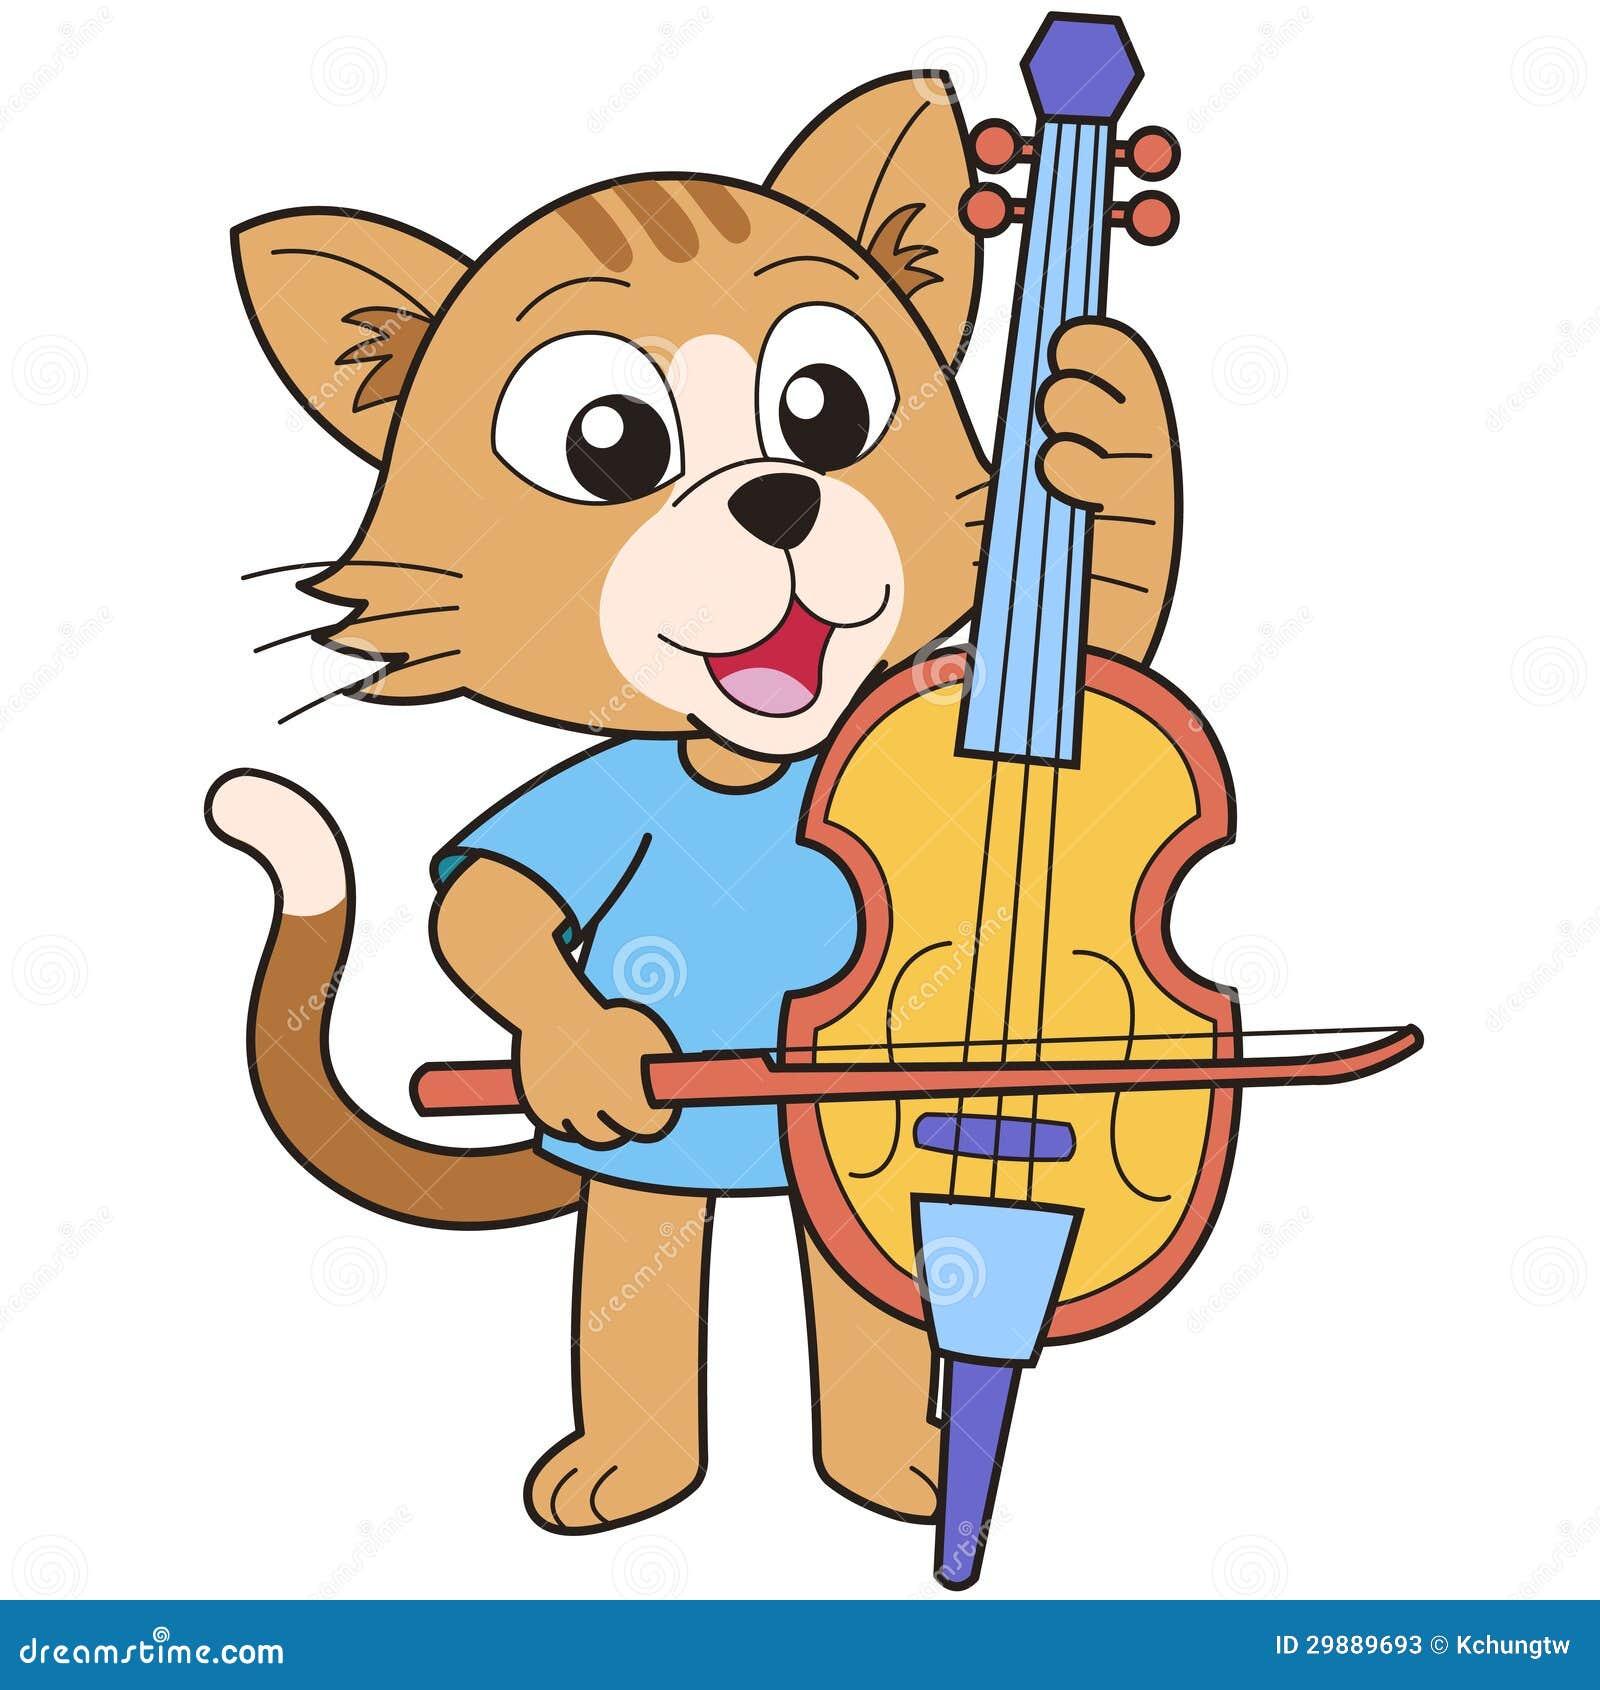 Cello cartoon cello player stock photography image 32561422 - Cartoon Cat Playing A Cello Stock Photos